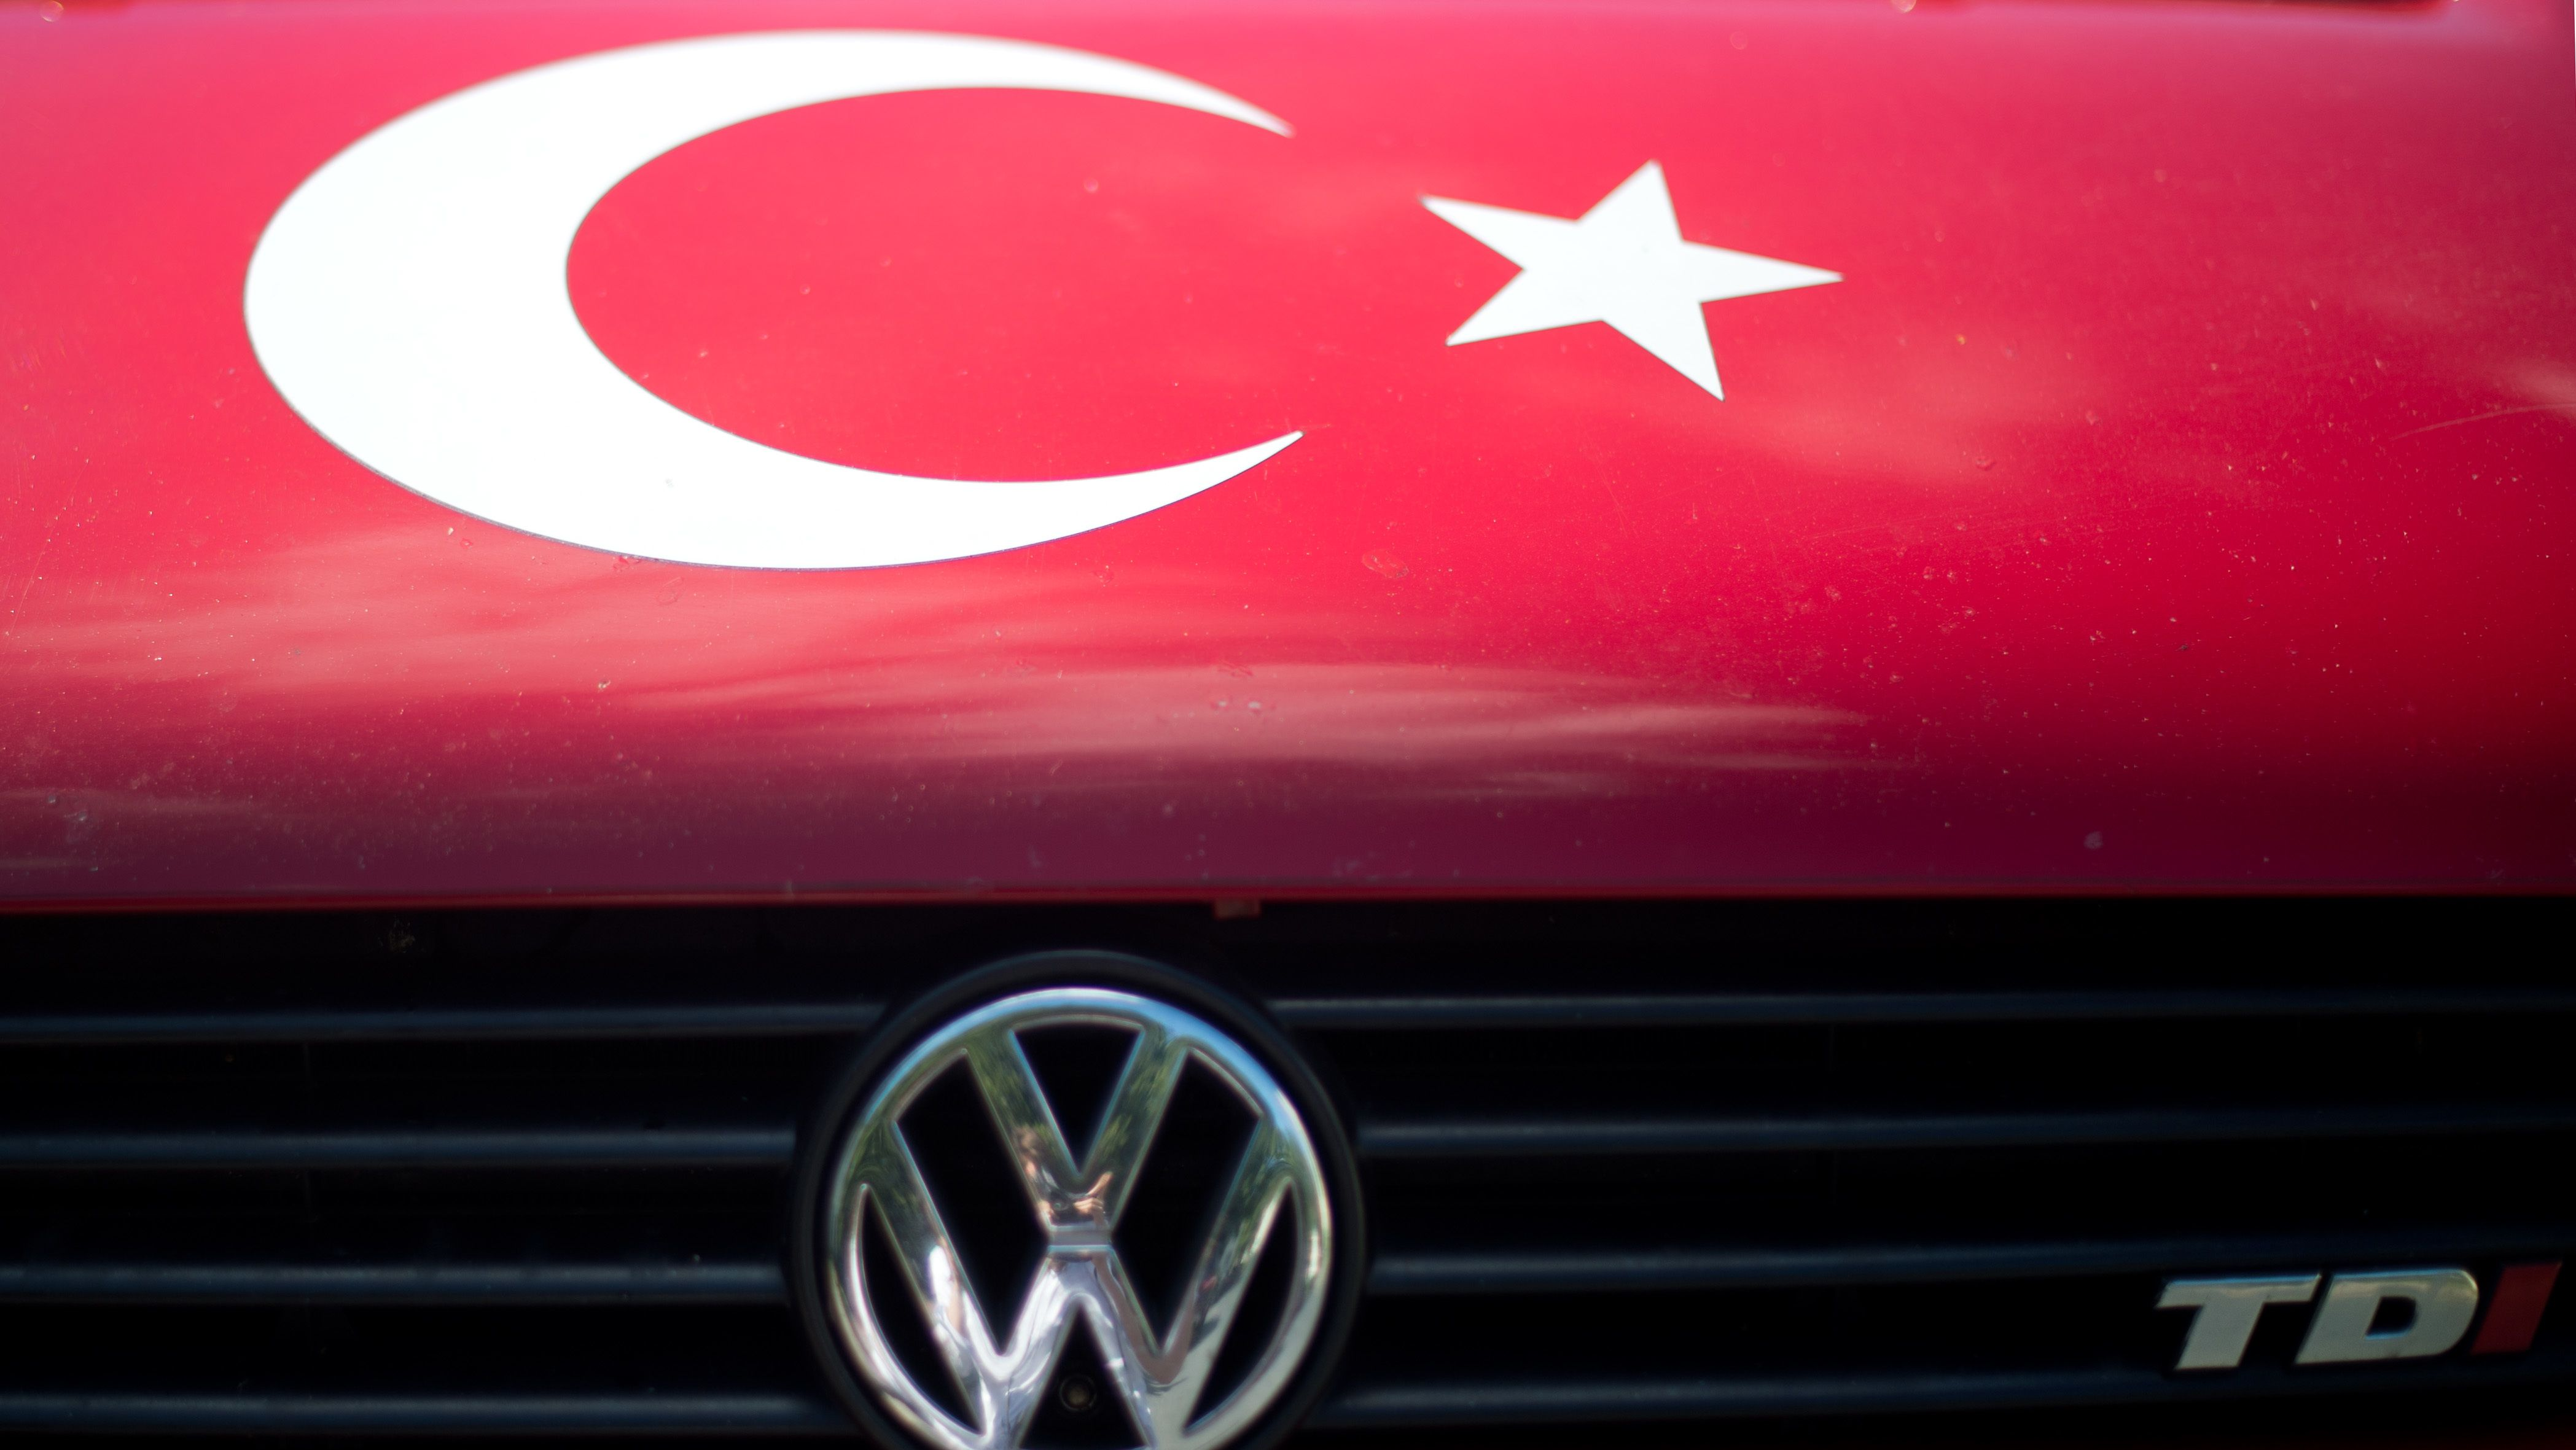 Das Symbol der Türkei, weißer Halbmond und Stern auf rotem Untergrund.